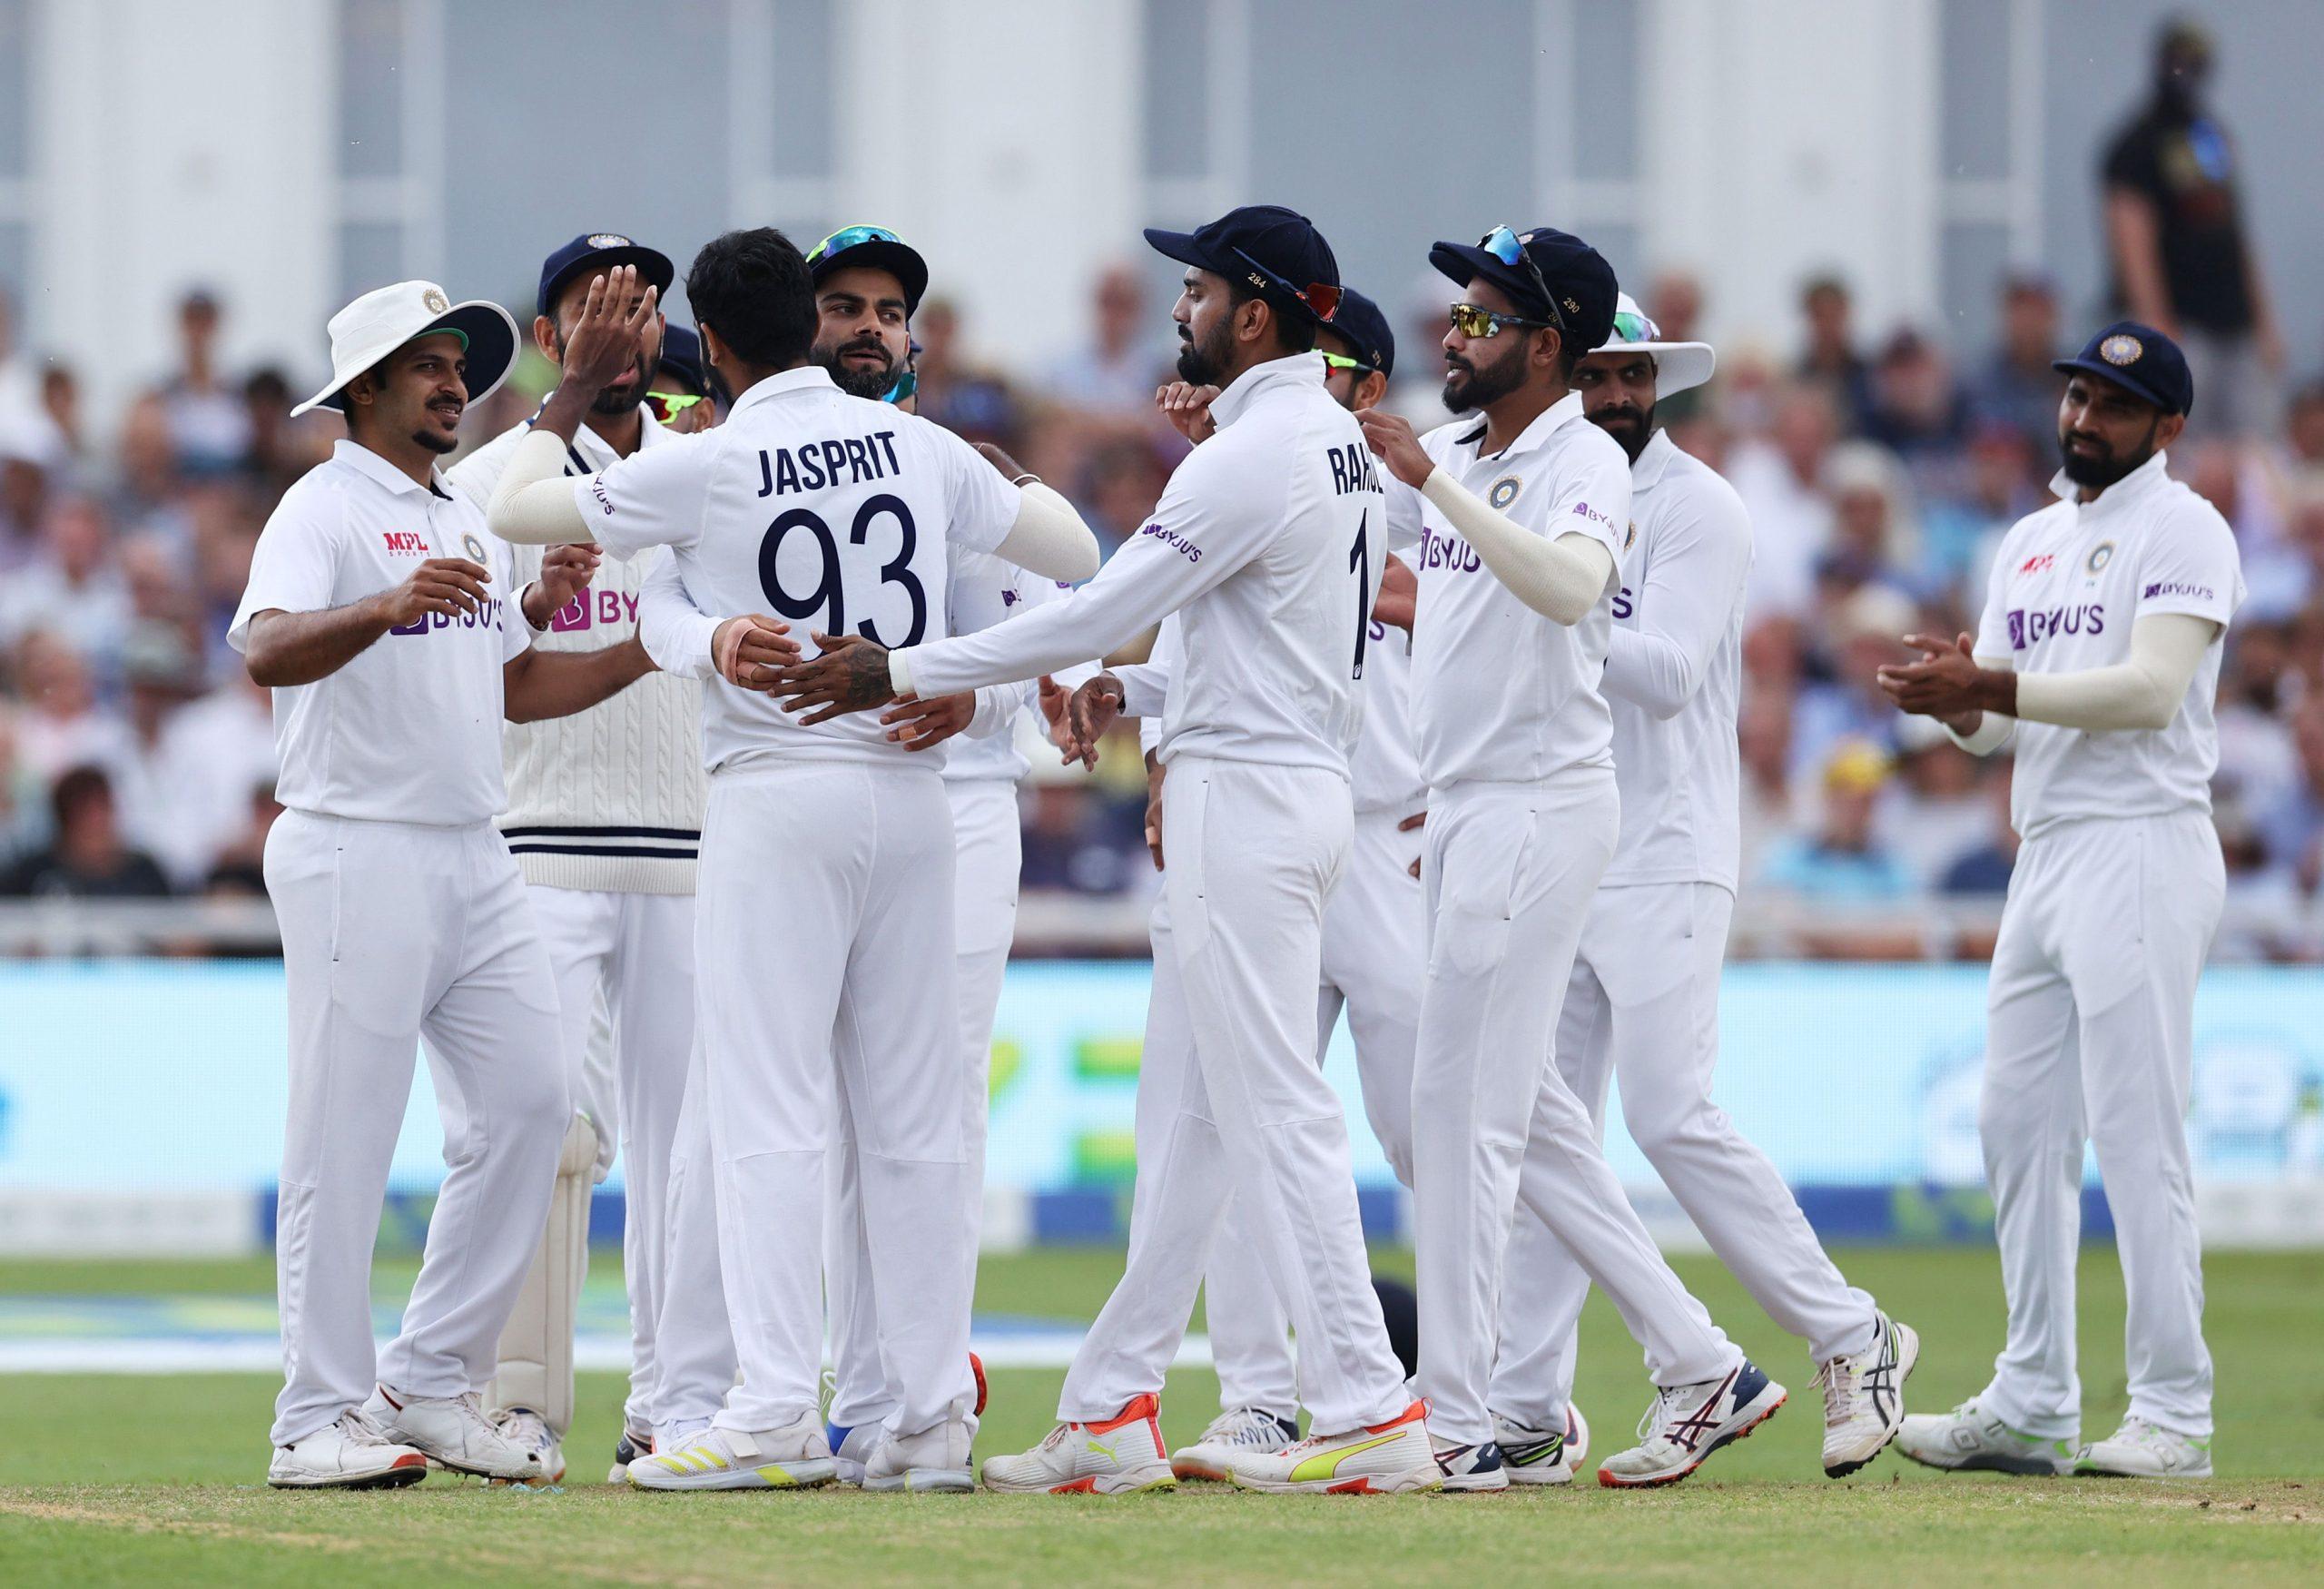 انگلینڈ نےانڈیا کی کرکٹ ٹیم کا بھرکس نکال دیا 78 پر ڈھیر ہوگئی